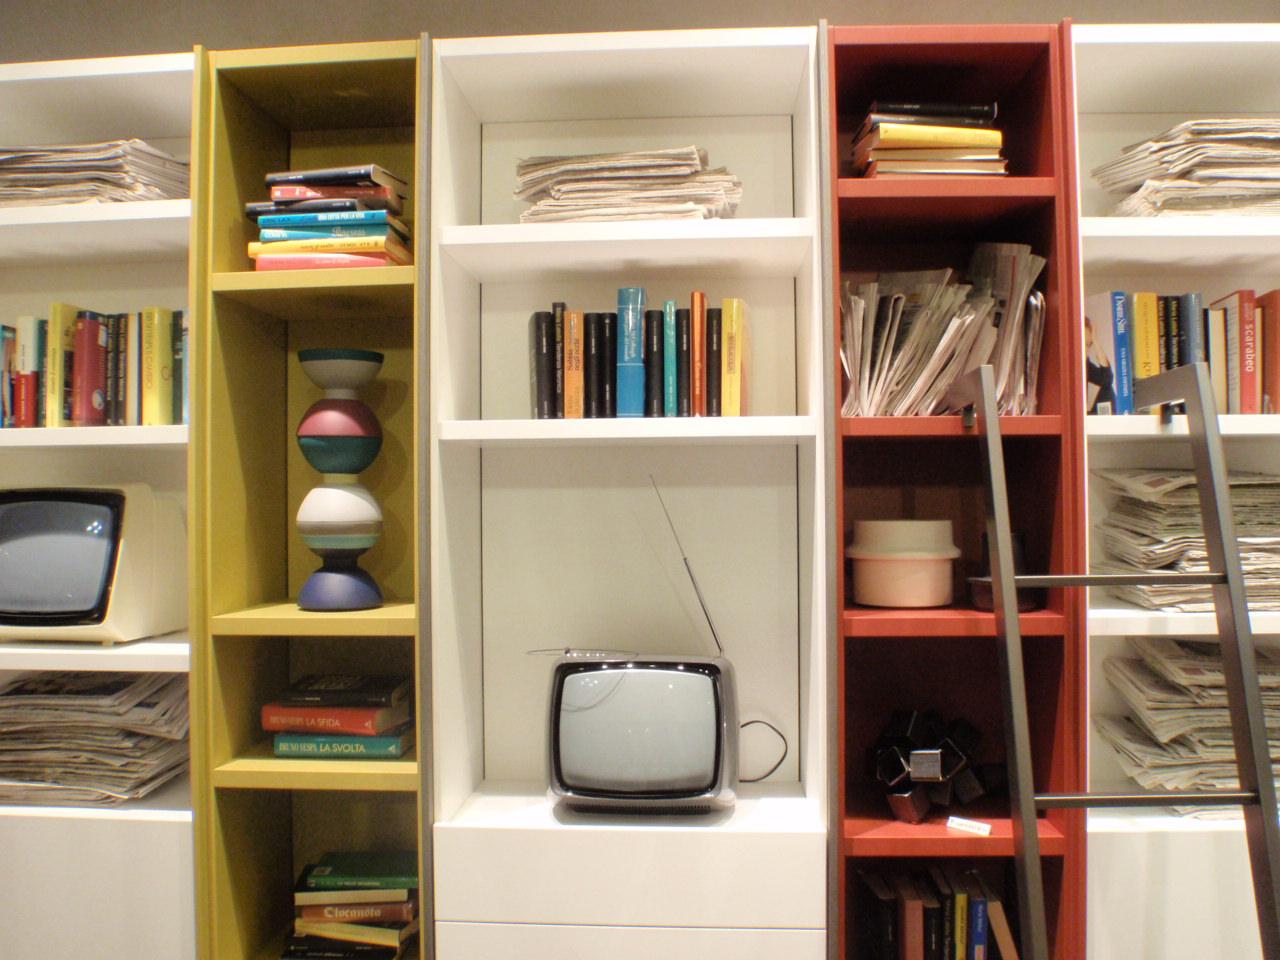 libreria edis fimar mobili salone del mobile 2014